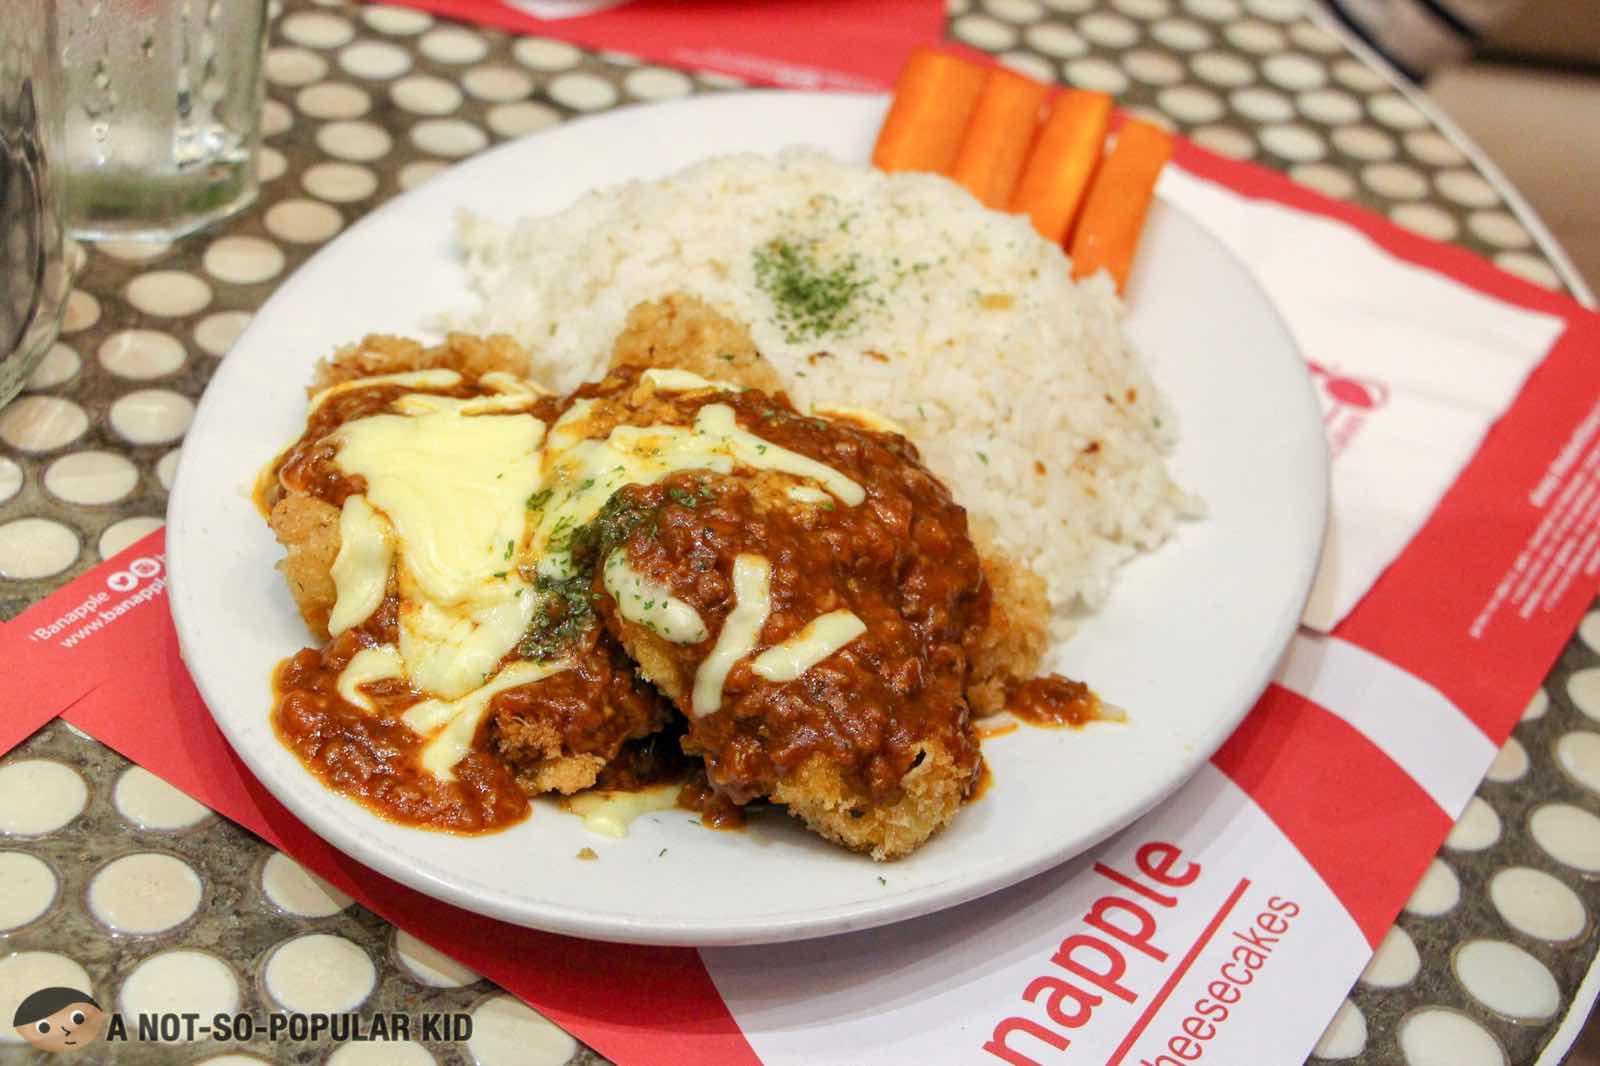 Chicken Parmigiano of Banappple